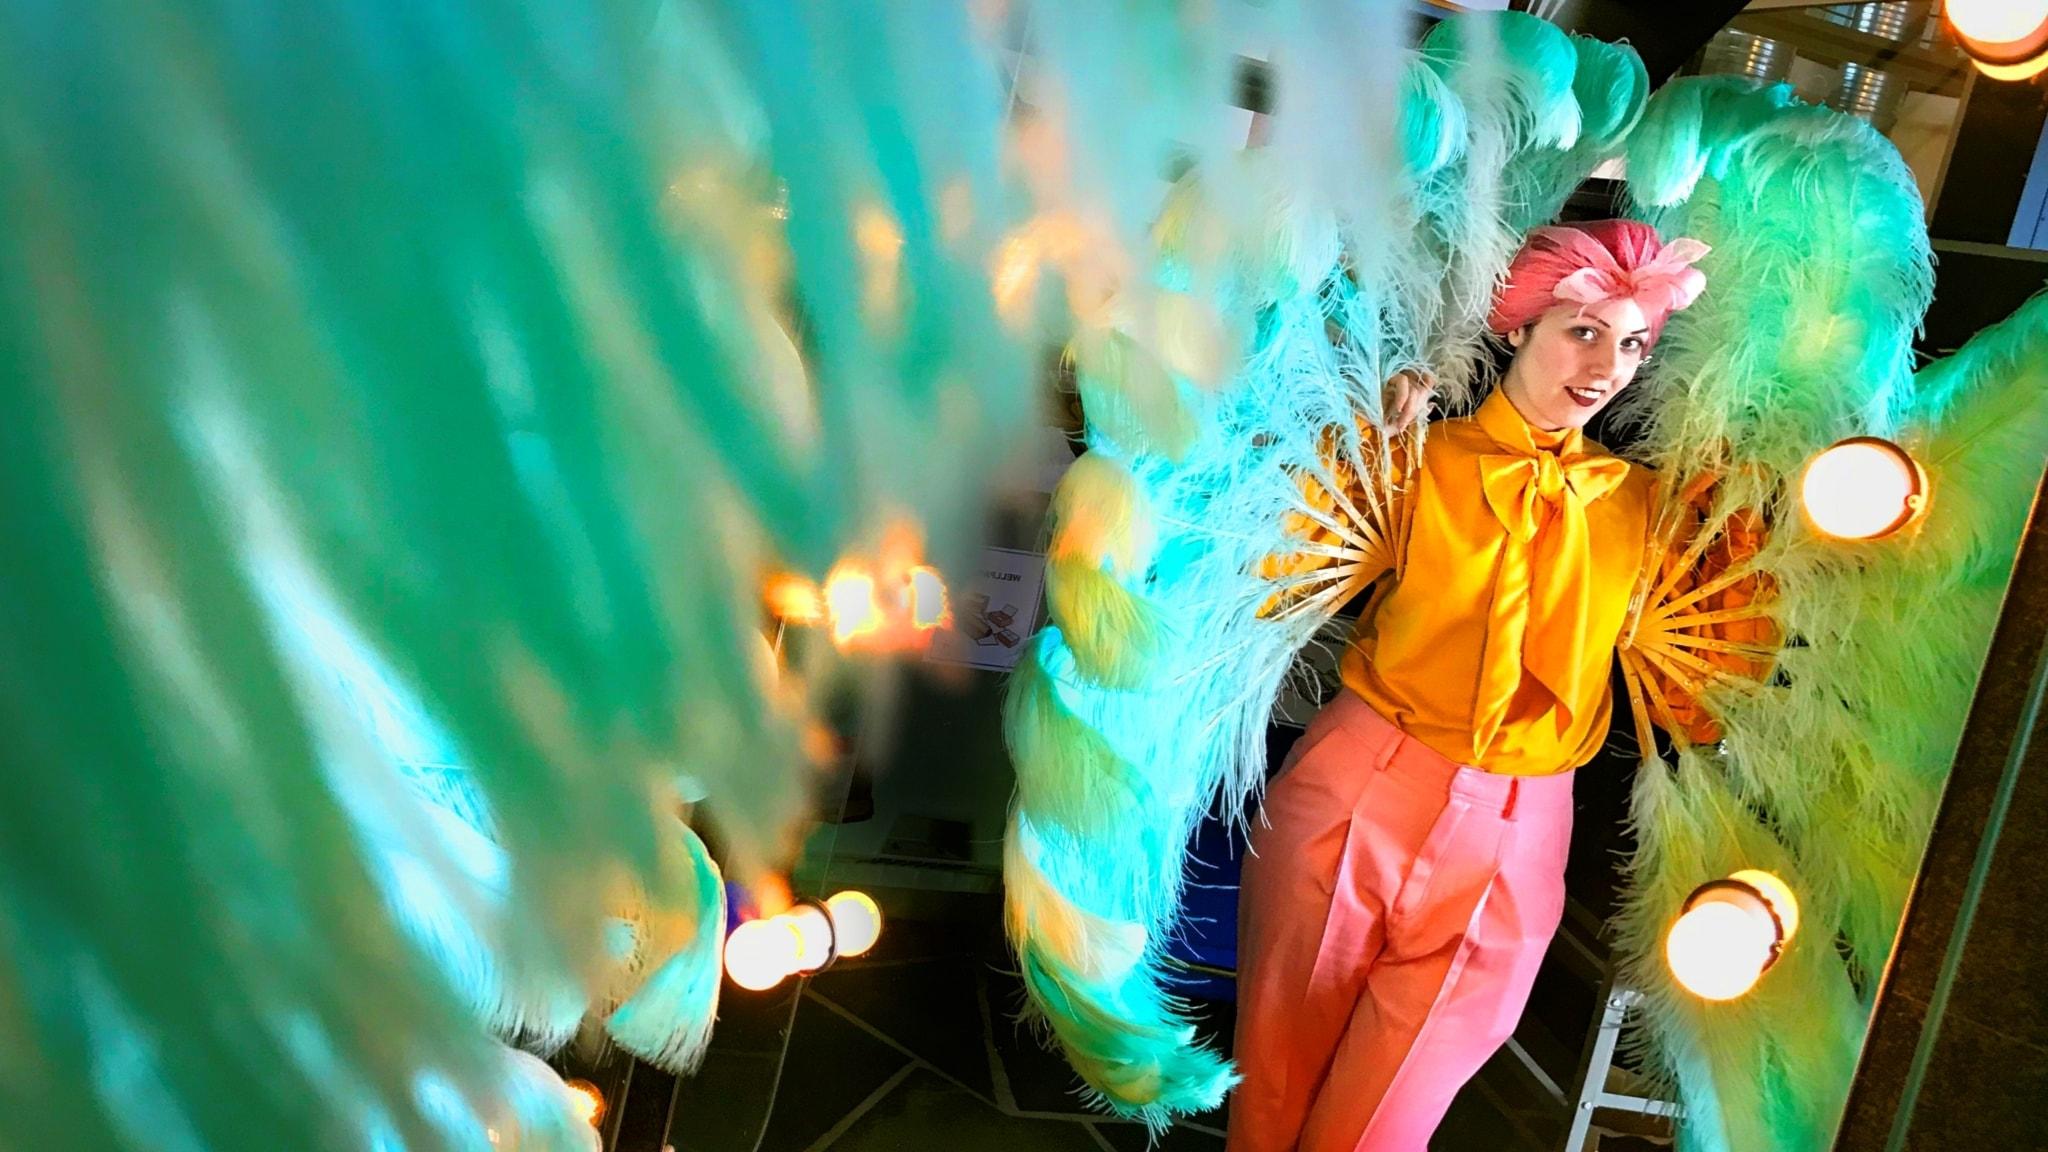 dd8c79355 Hennes burlesk-show är både normkritisk och feministisk - Skidskytte-VM  2019 - P4 Jämtland | Sveriges Radio